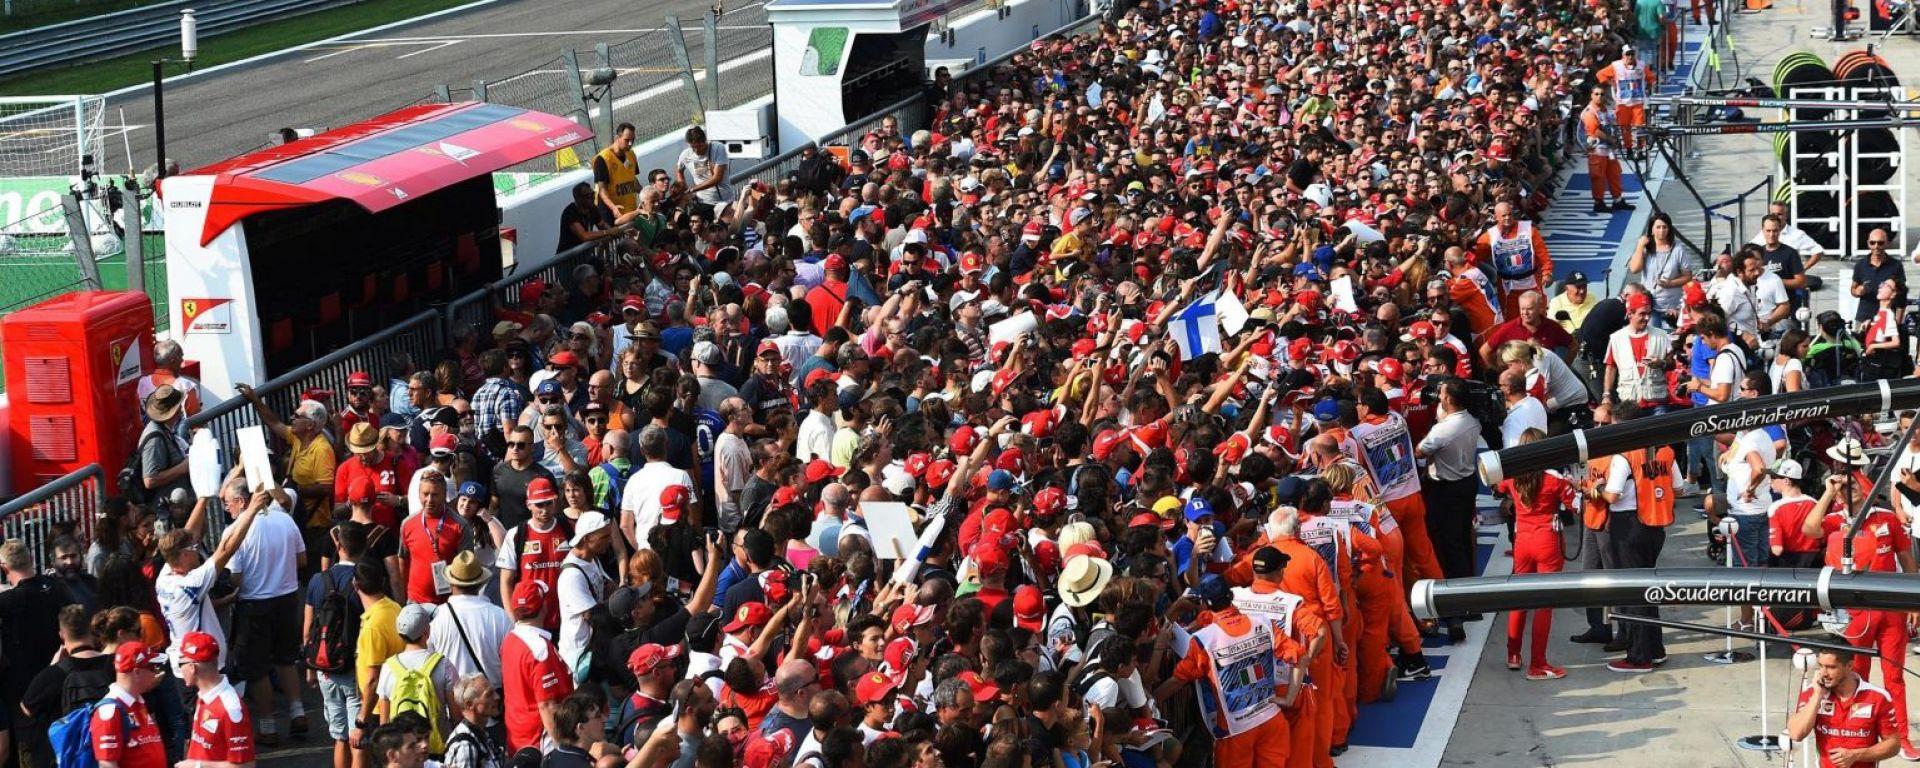 L'incredibile spettacolo di pubblico che solo Monza riesce a mettere...in pista